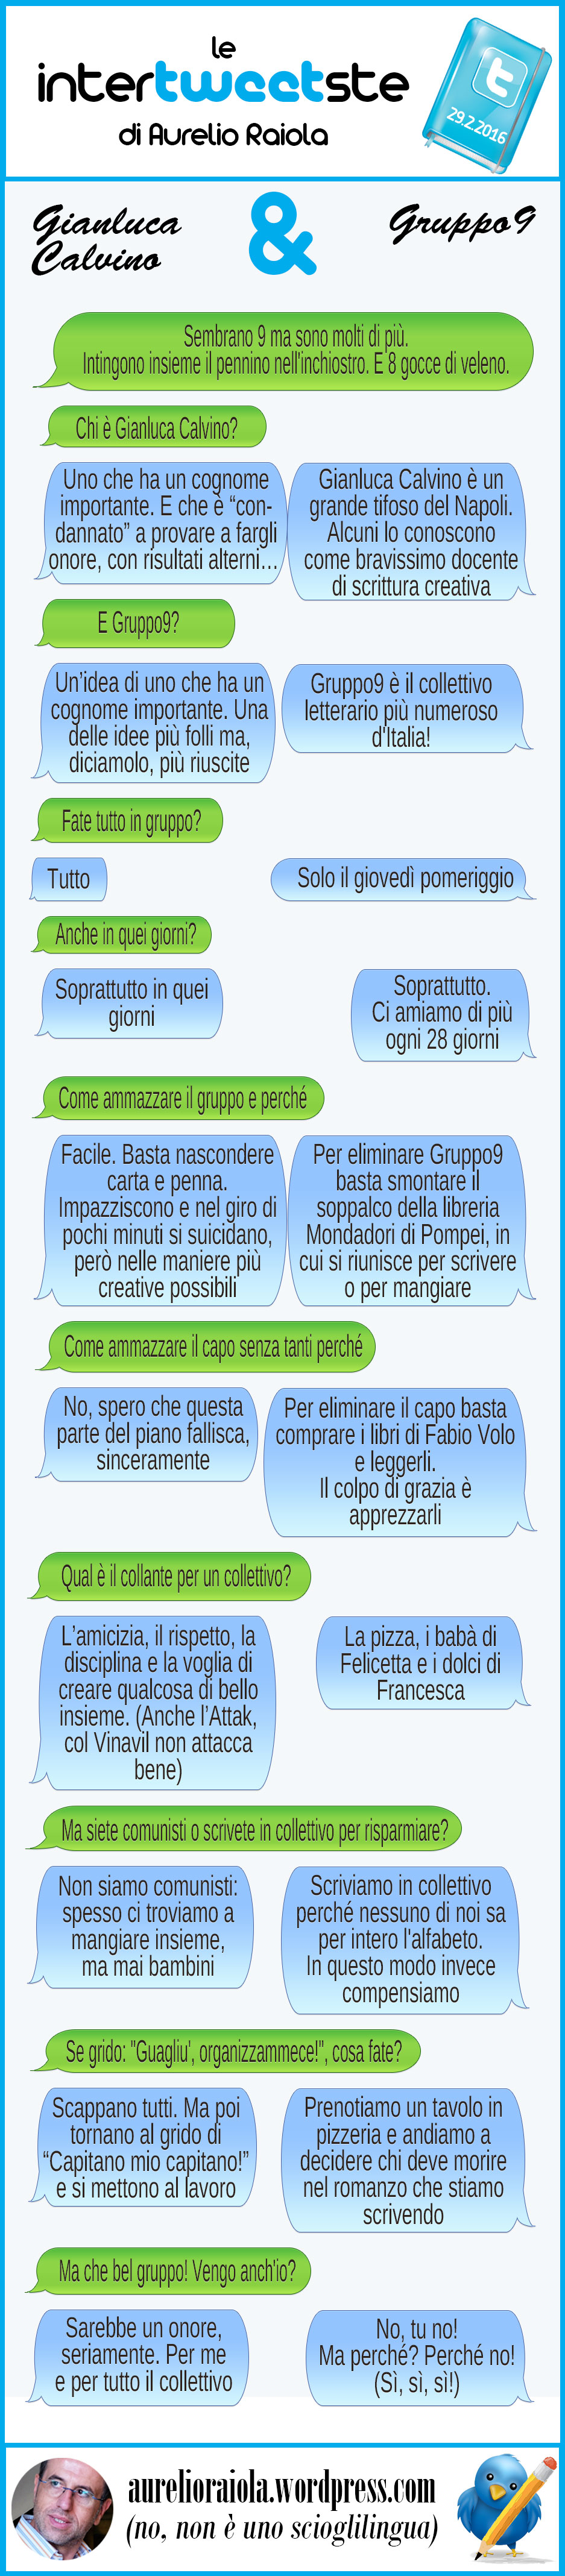 20160229-Intertweetste-Gianluca-Calvino-e-Gruppo9